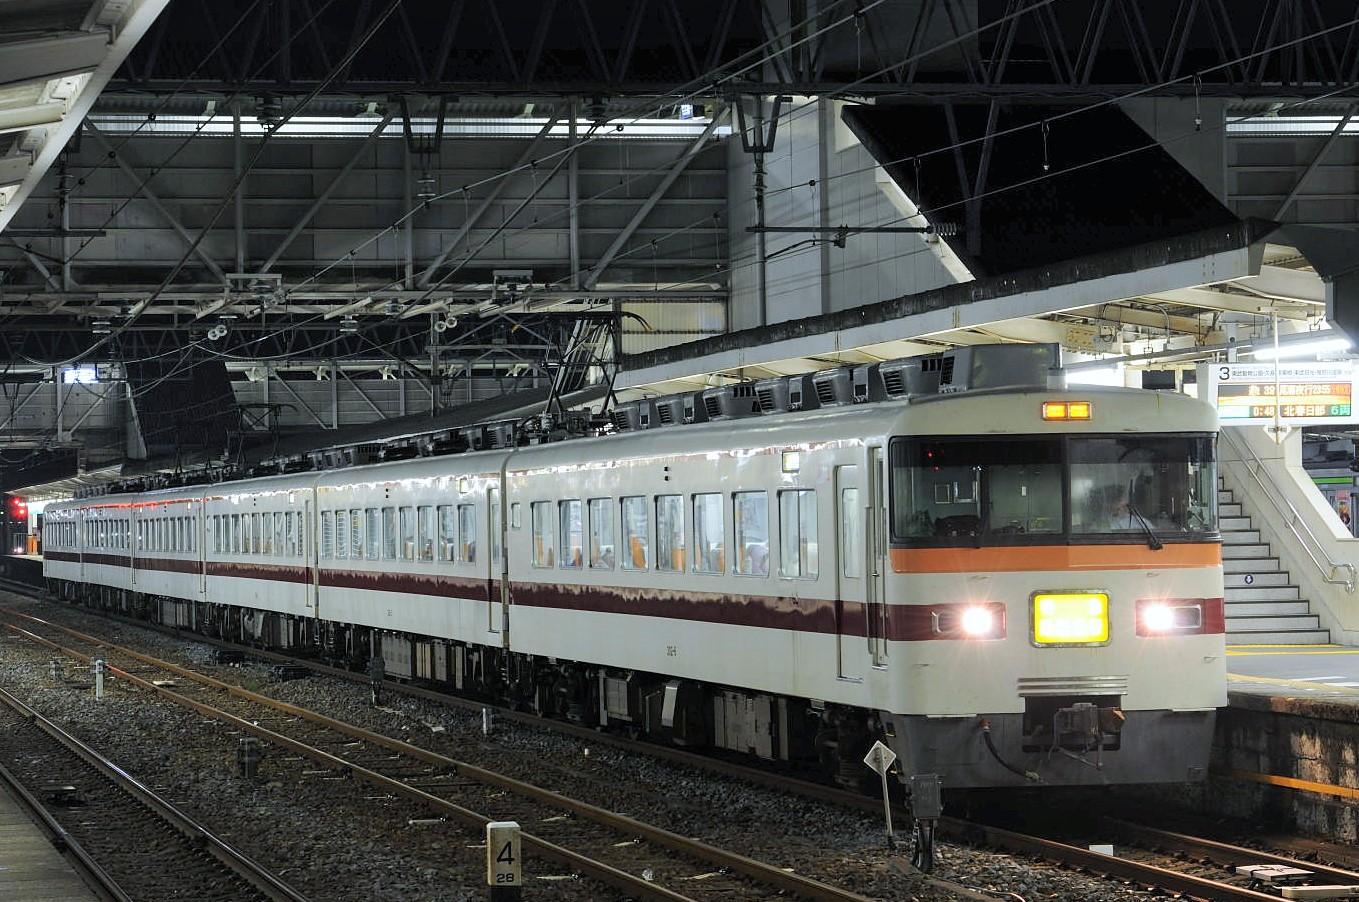 特急「尾瀬夜行2355」を春日部にて撮影